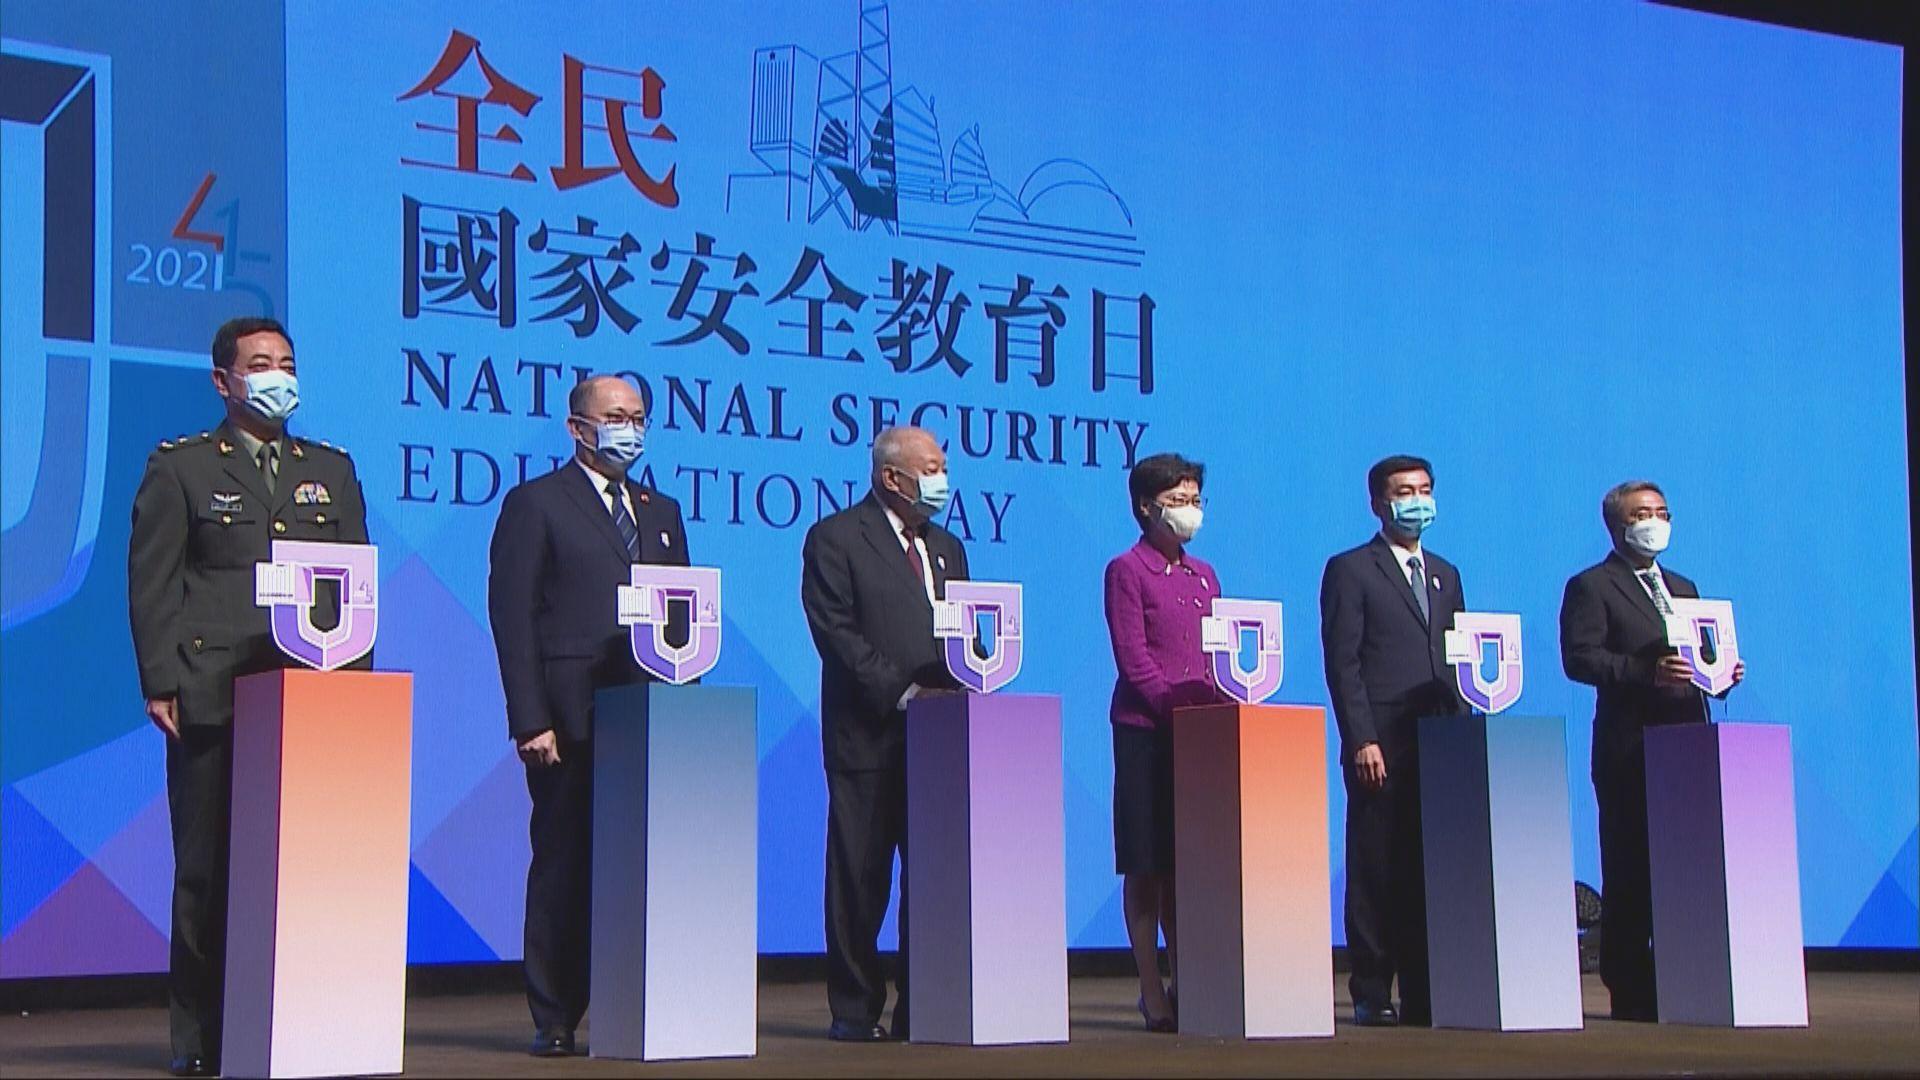 國安法實施後首個國安教育日 董建華林鄭等出席開幕禮